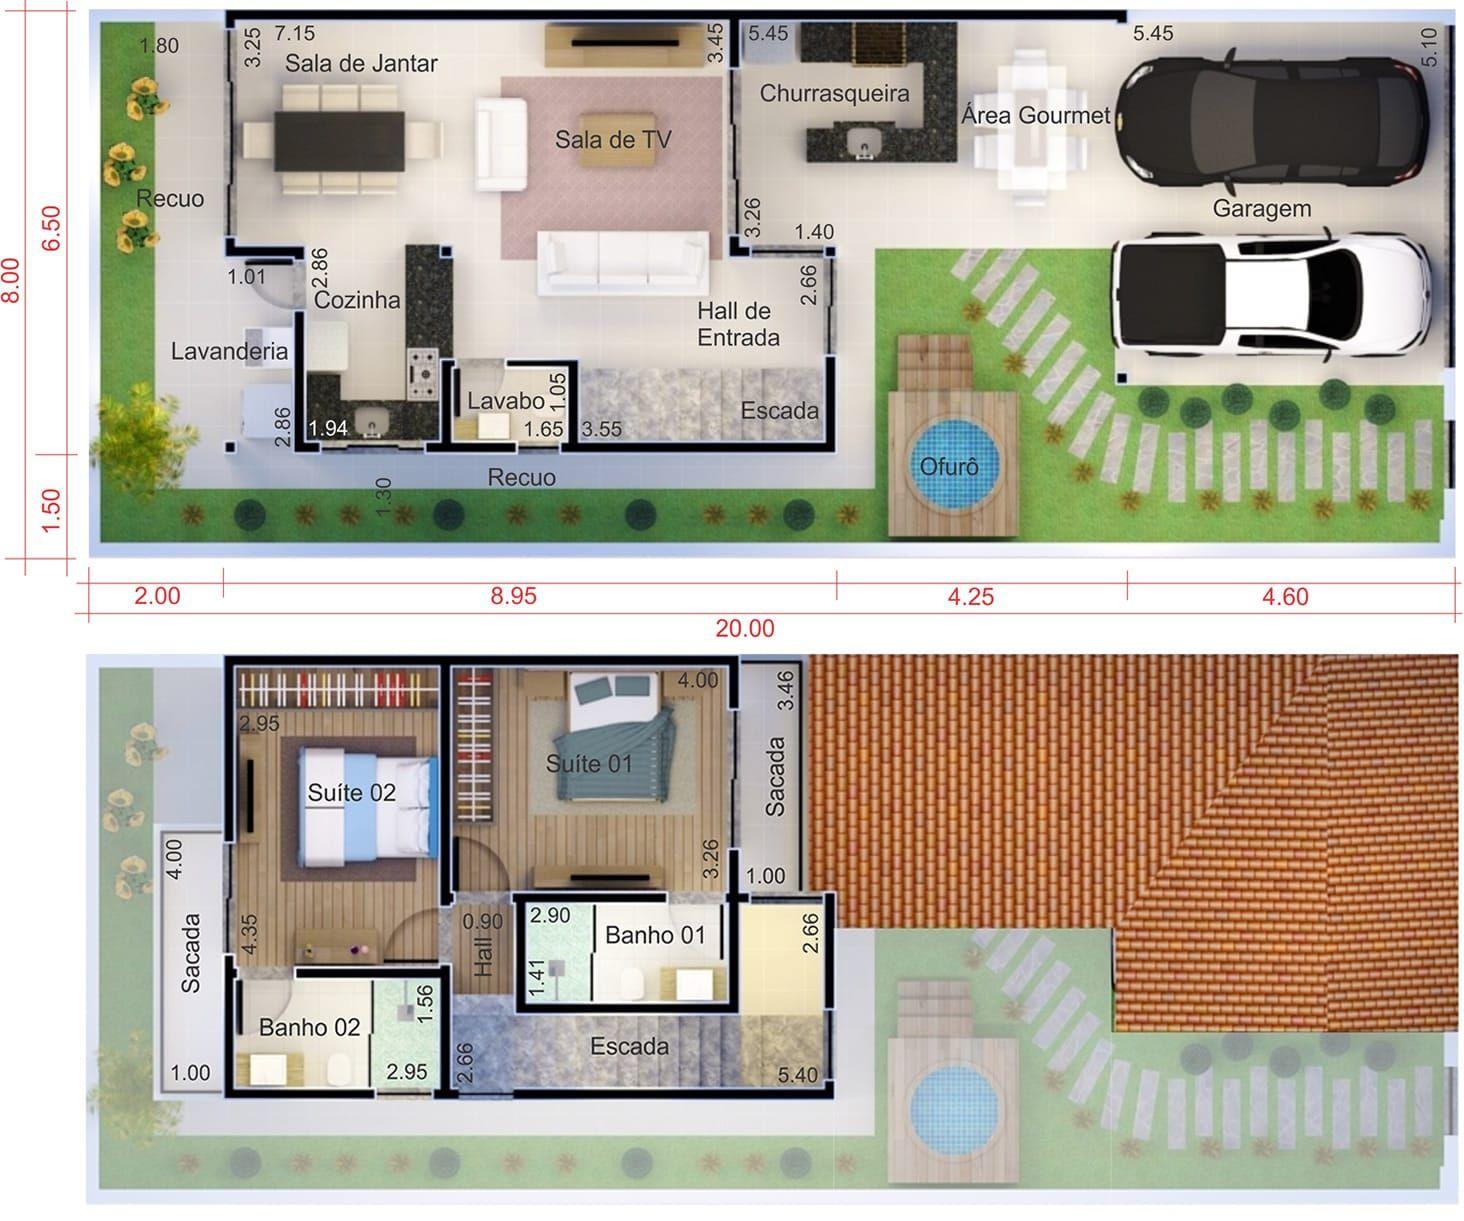 Plano De Casa Barato Planos De Casas Modelos De Casas E Mansiones E Fachadas De Casas Planos De Casas Casas Casas De Una Planta